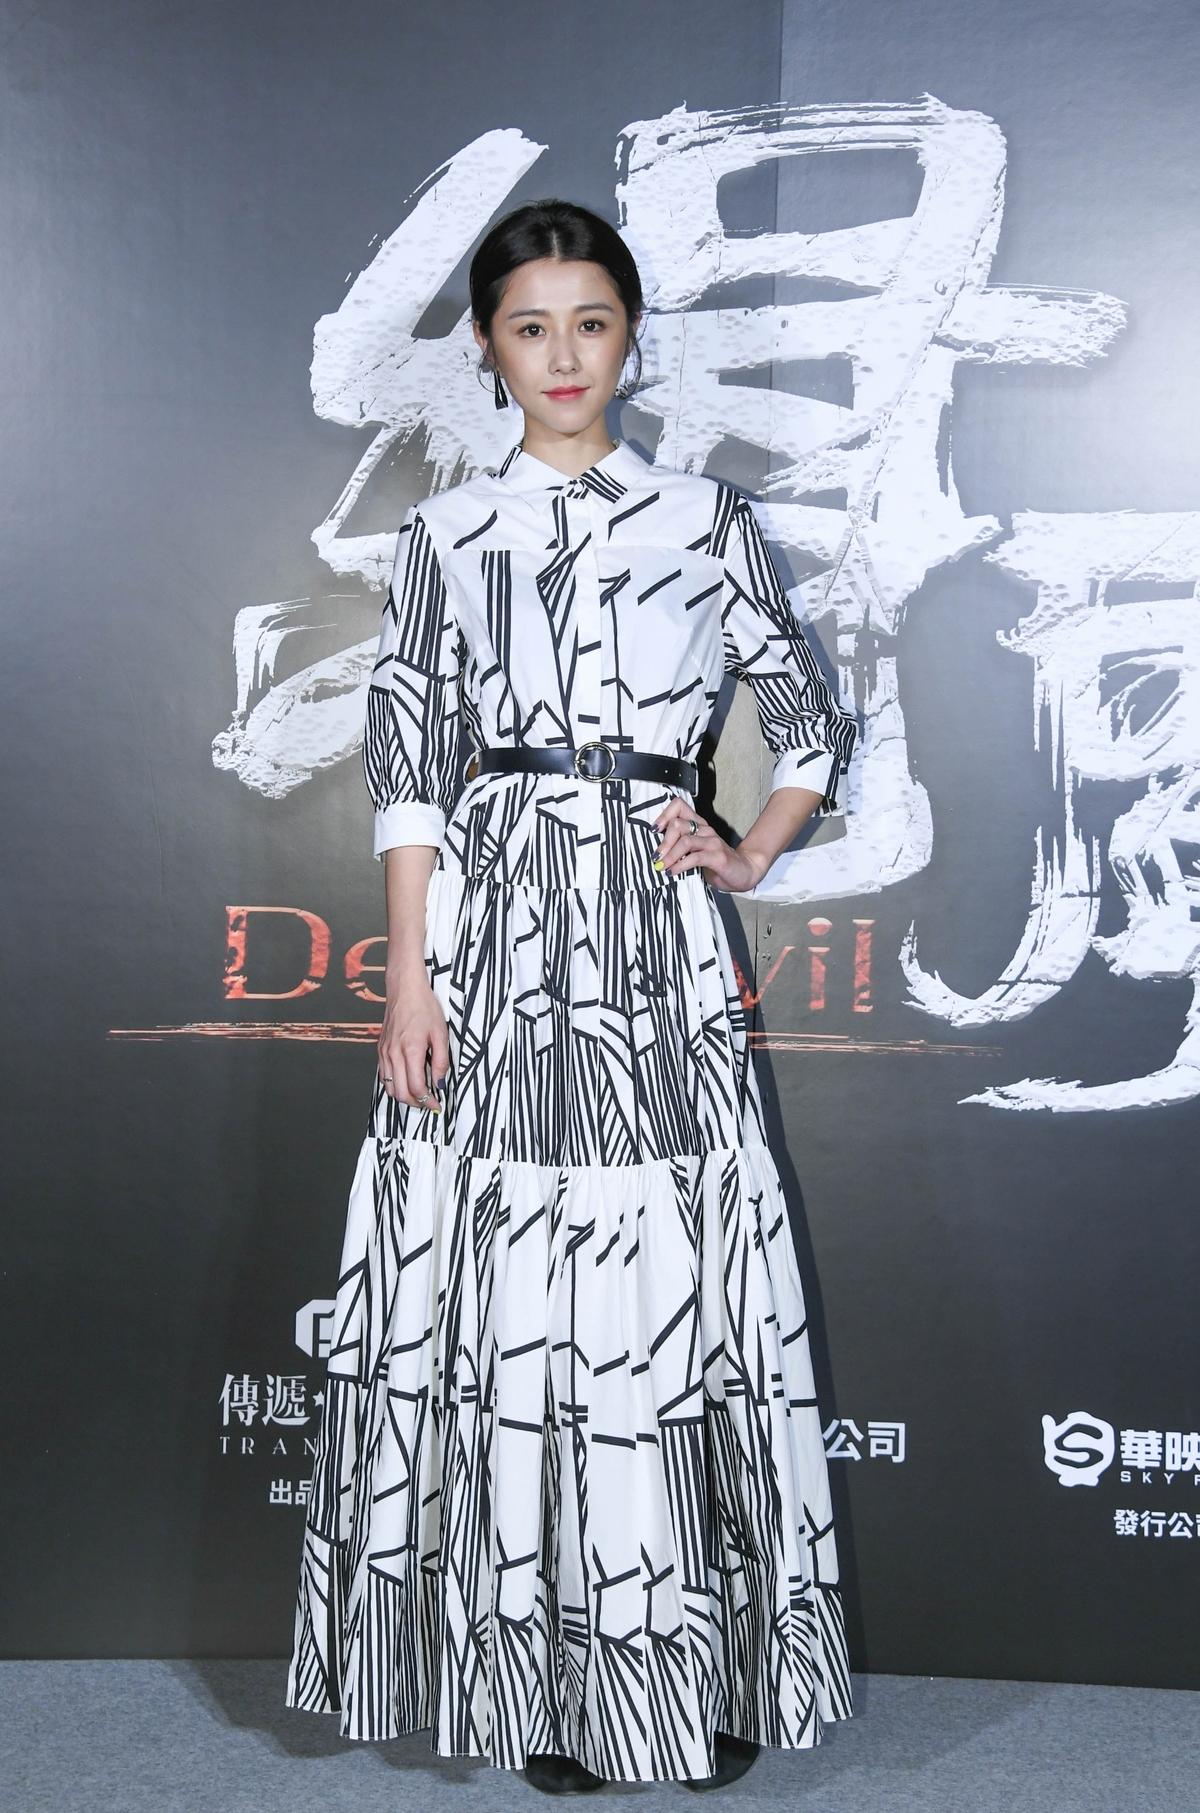 邵雨薇拍超限制級國片《緝魔》 片酬最高的竟是「她」